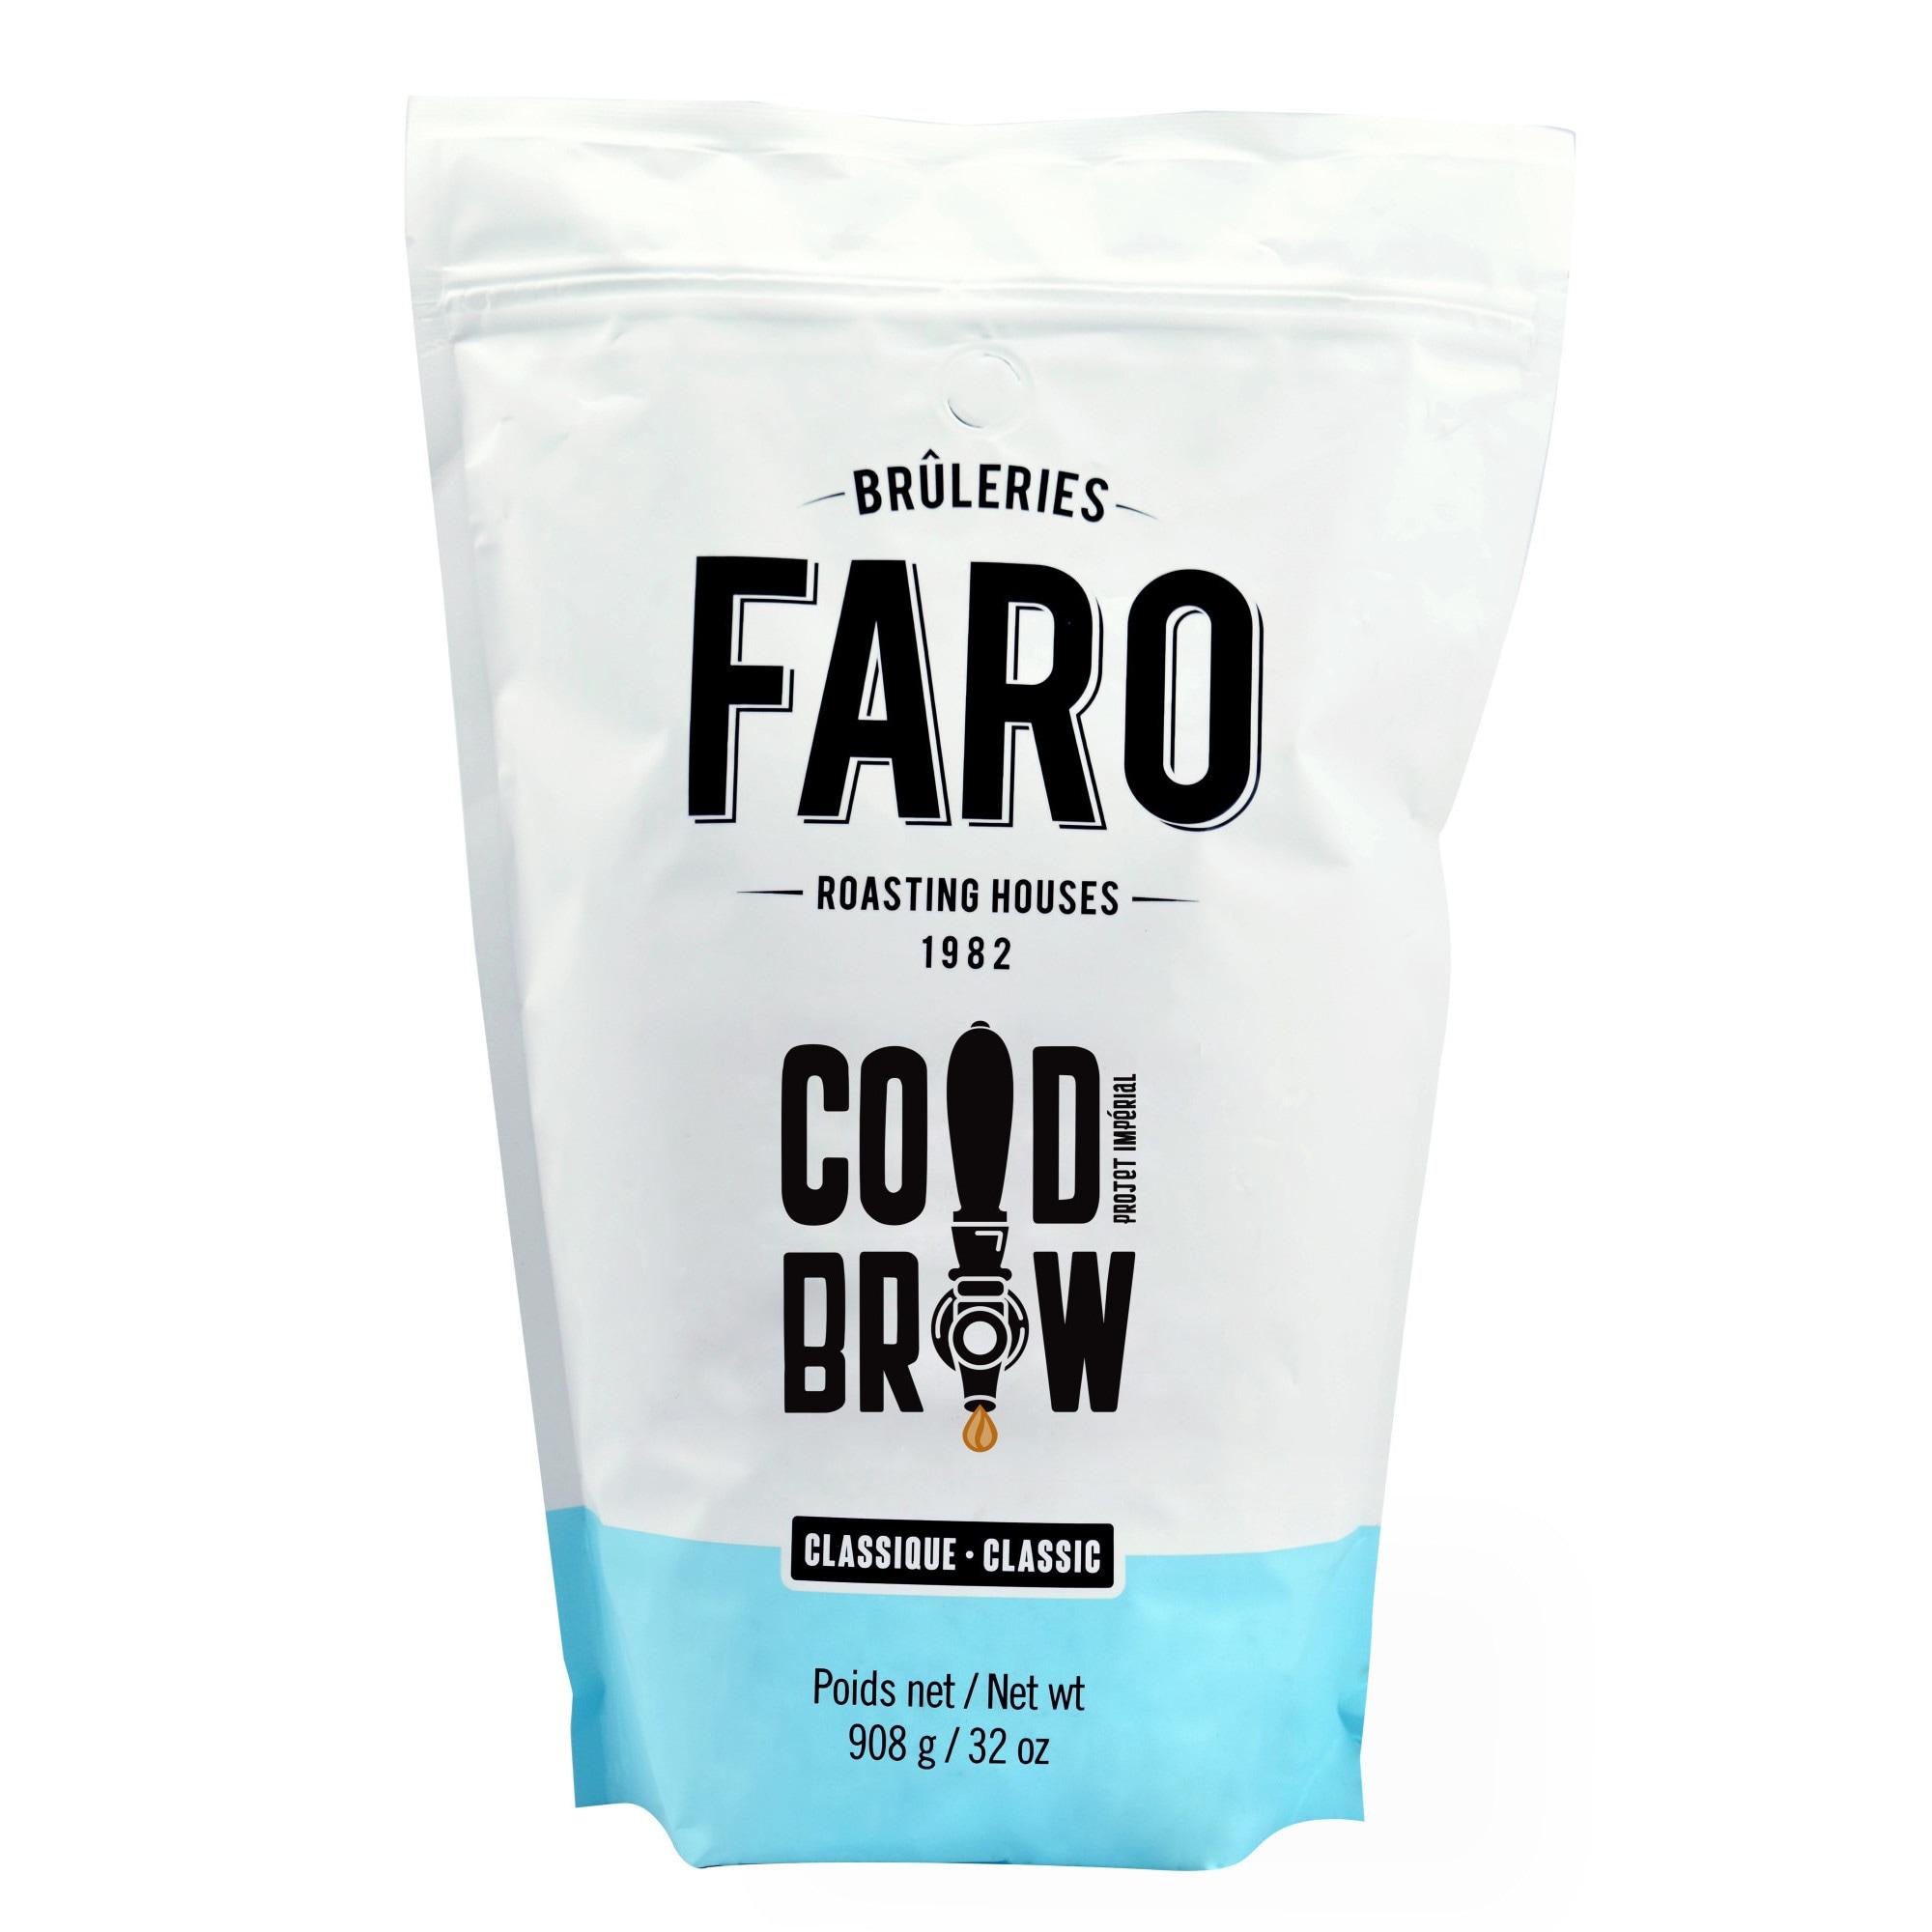 Faro Imperial Project Blend, Brilliant, Cold Brew Specifi...